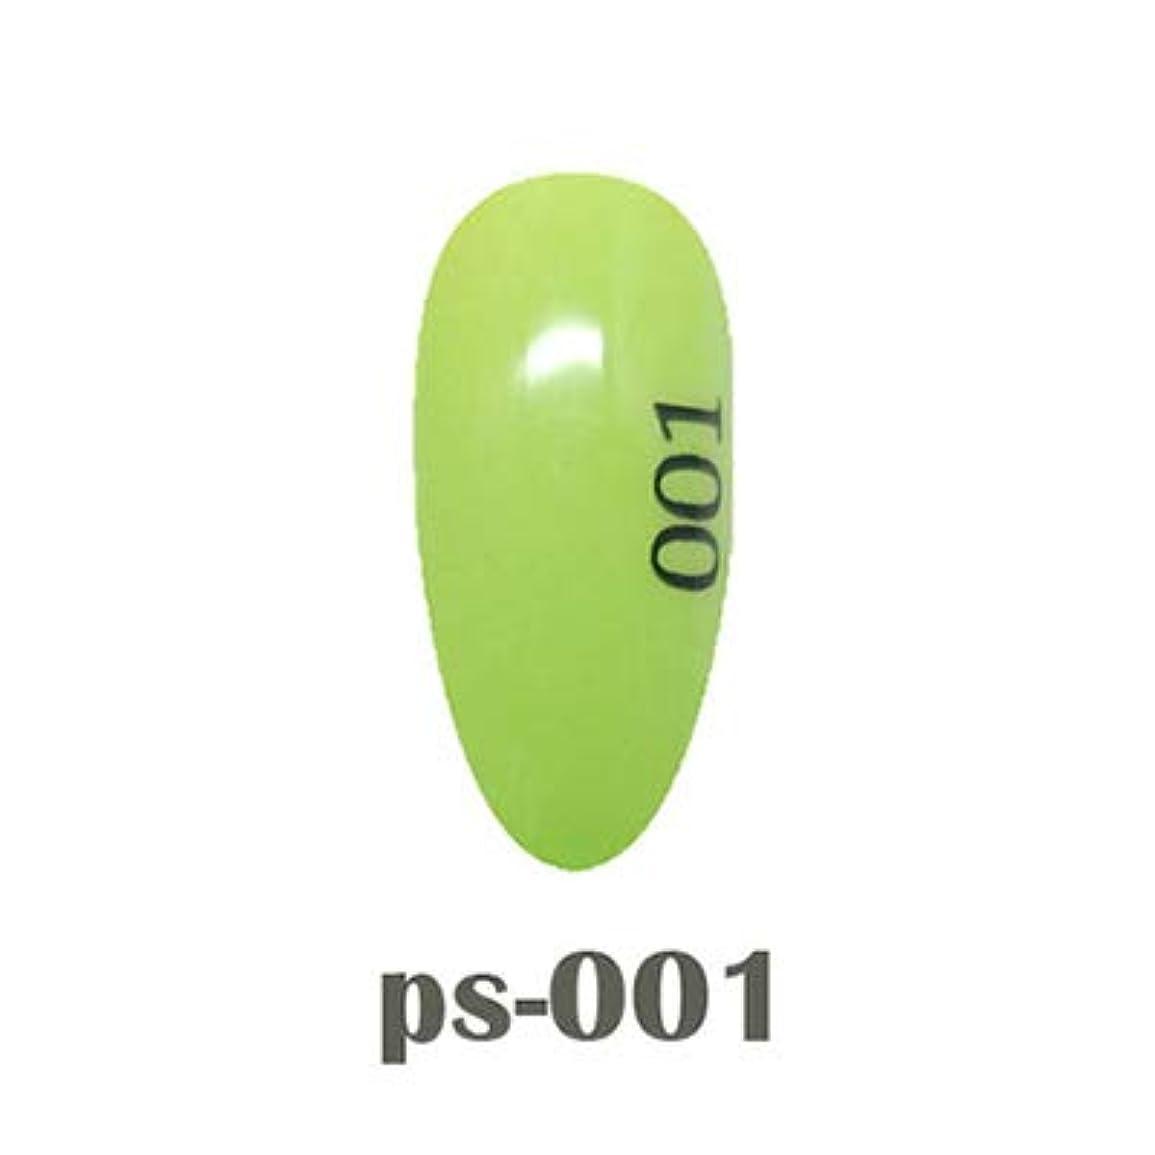 いつかアレルギー性月アイスジェル カラージェル ポイントパステルシリーズ PP-001 3g